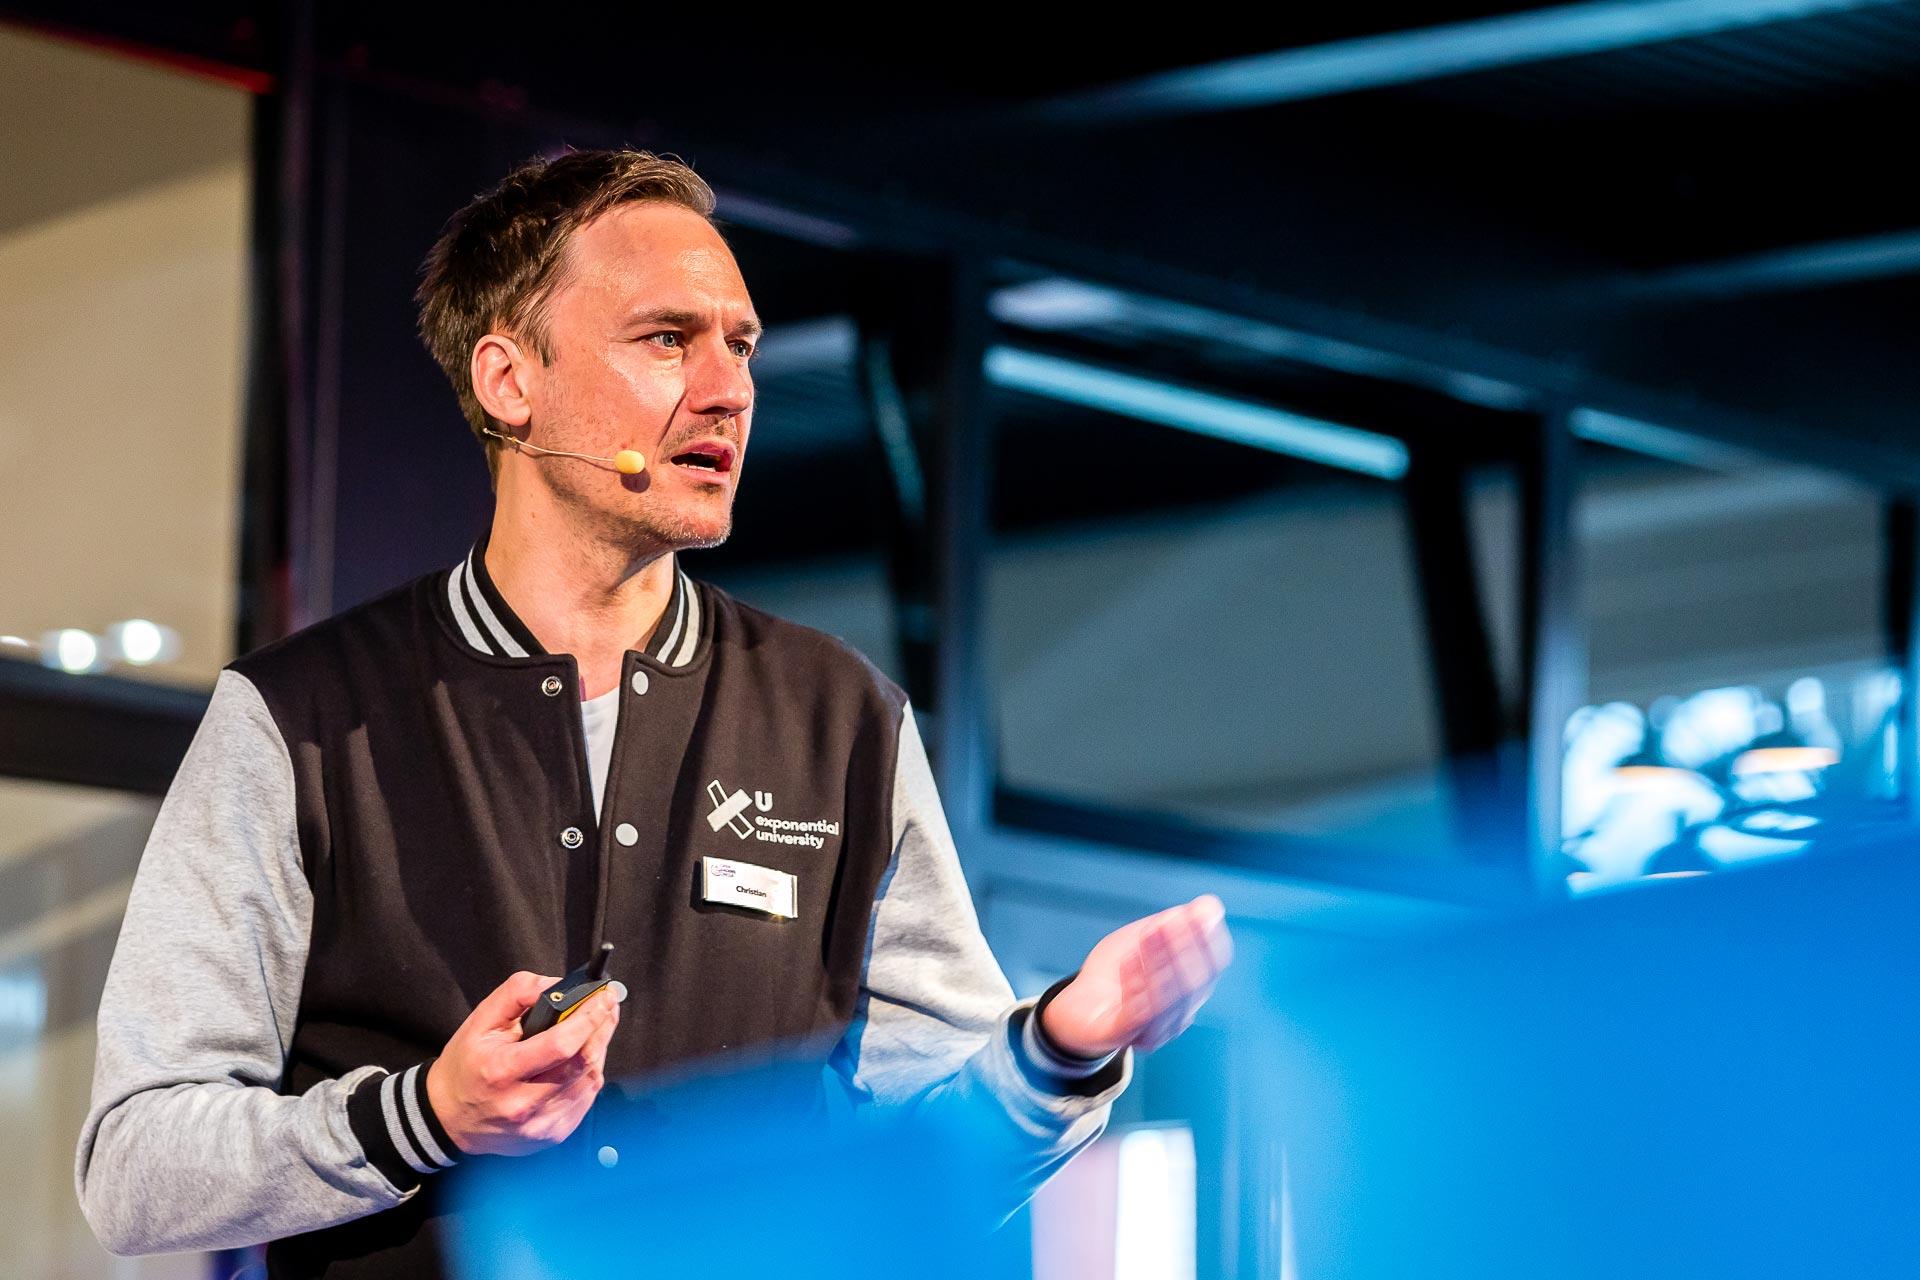 speaker-eventfotos-fotos-vortrag-veranstaltung